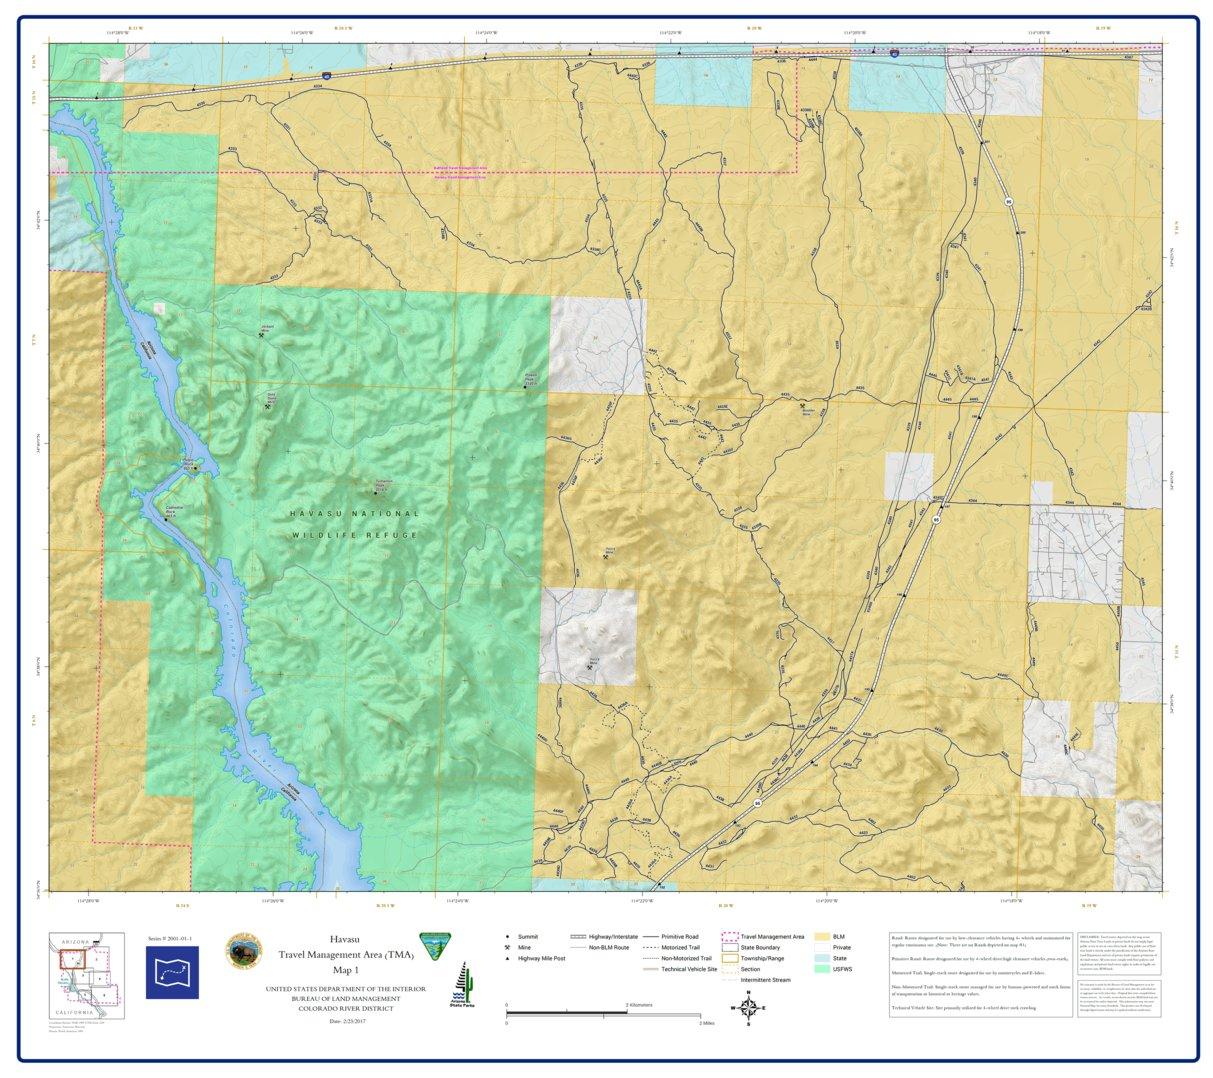 BLM Arizona Havasu Access Guide Map 1 of 7 (GPAZ_TRV2001_01_1_Havasu ...